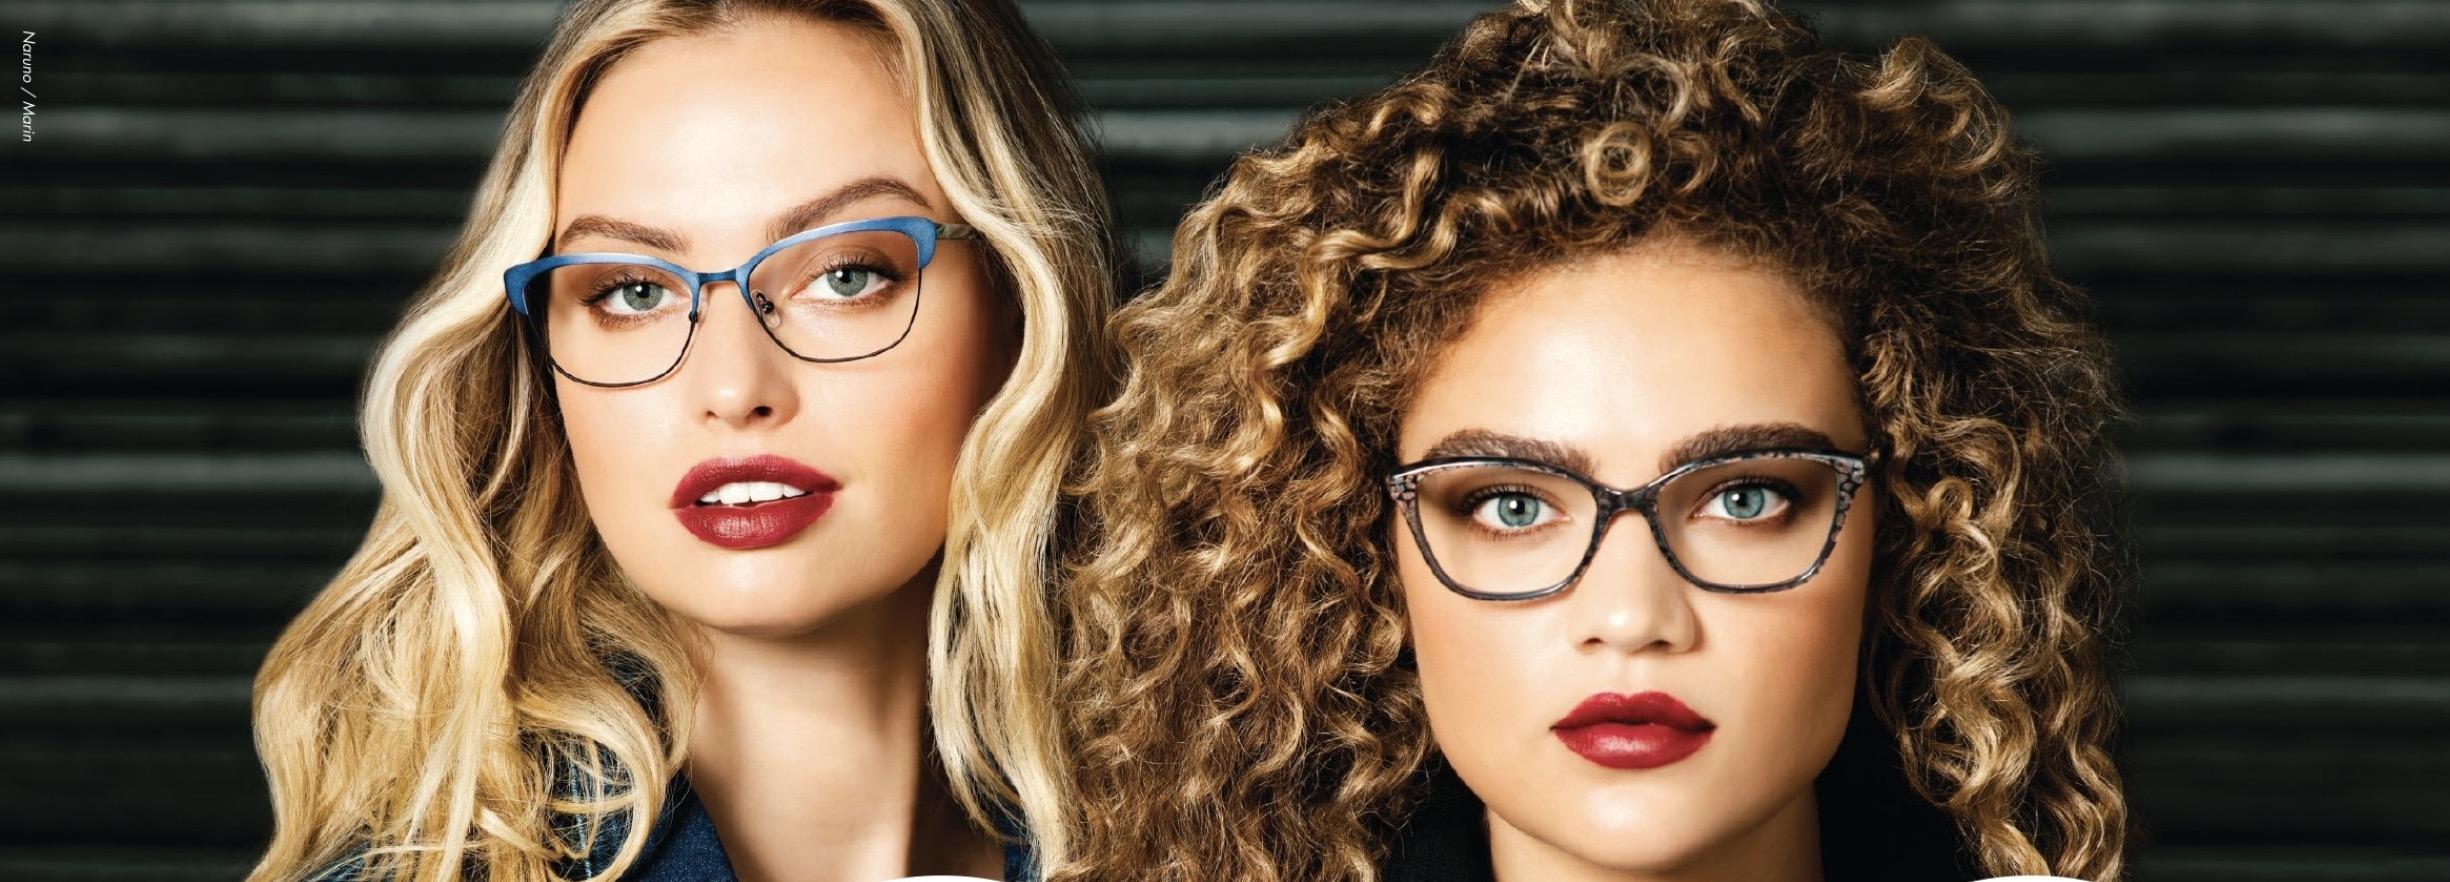 Women's Rectangular Eyeglasses